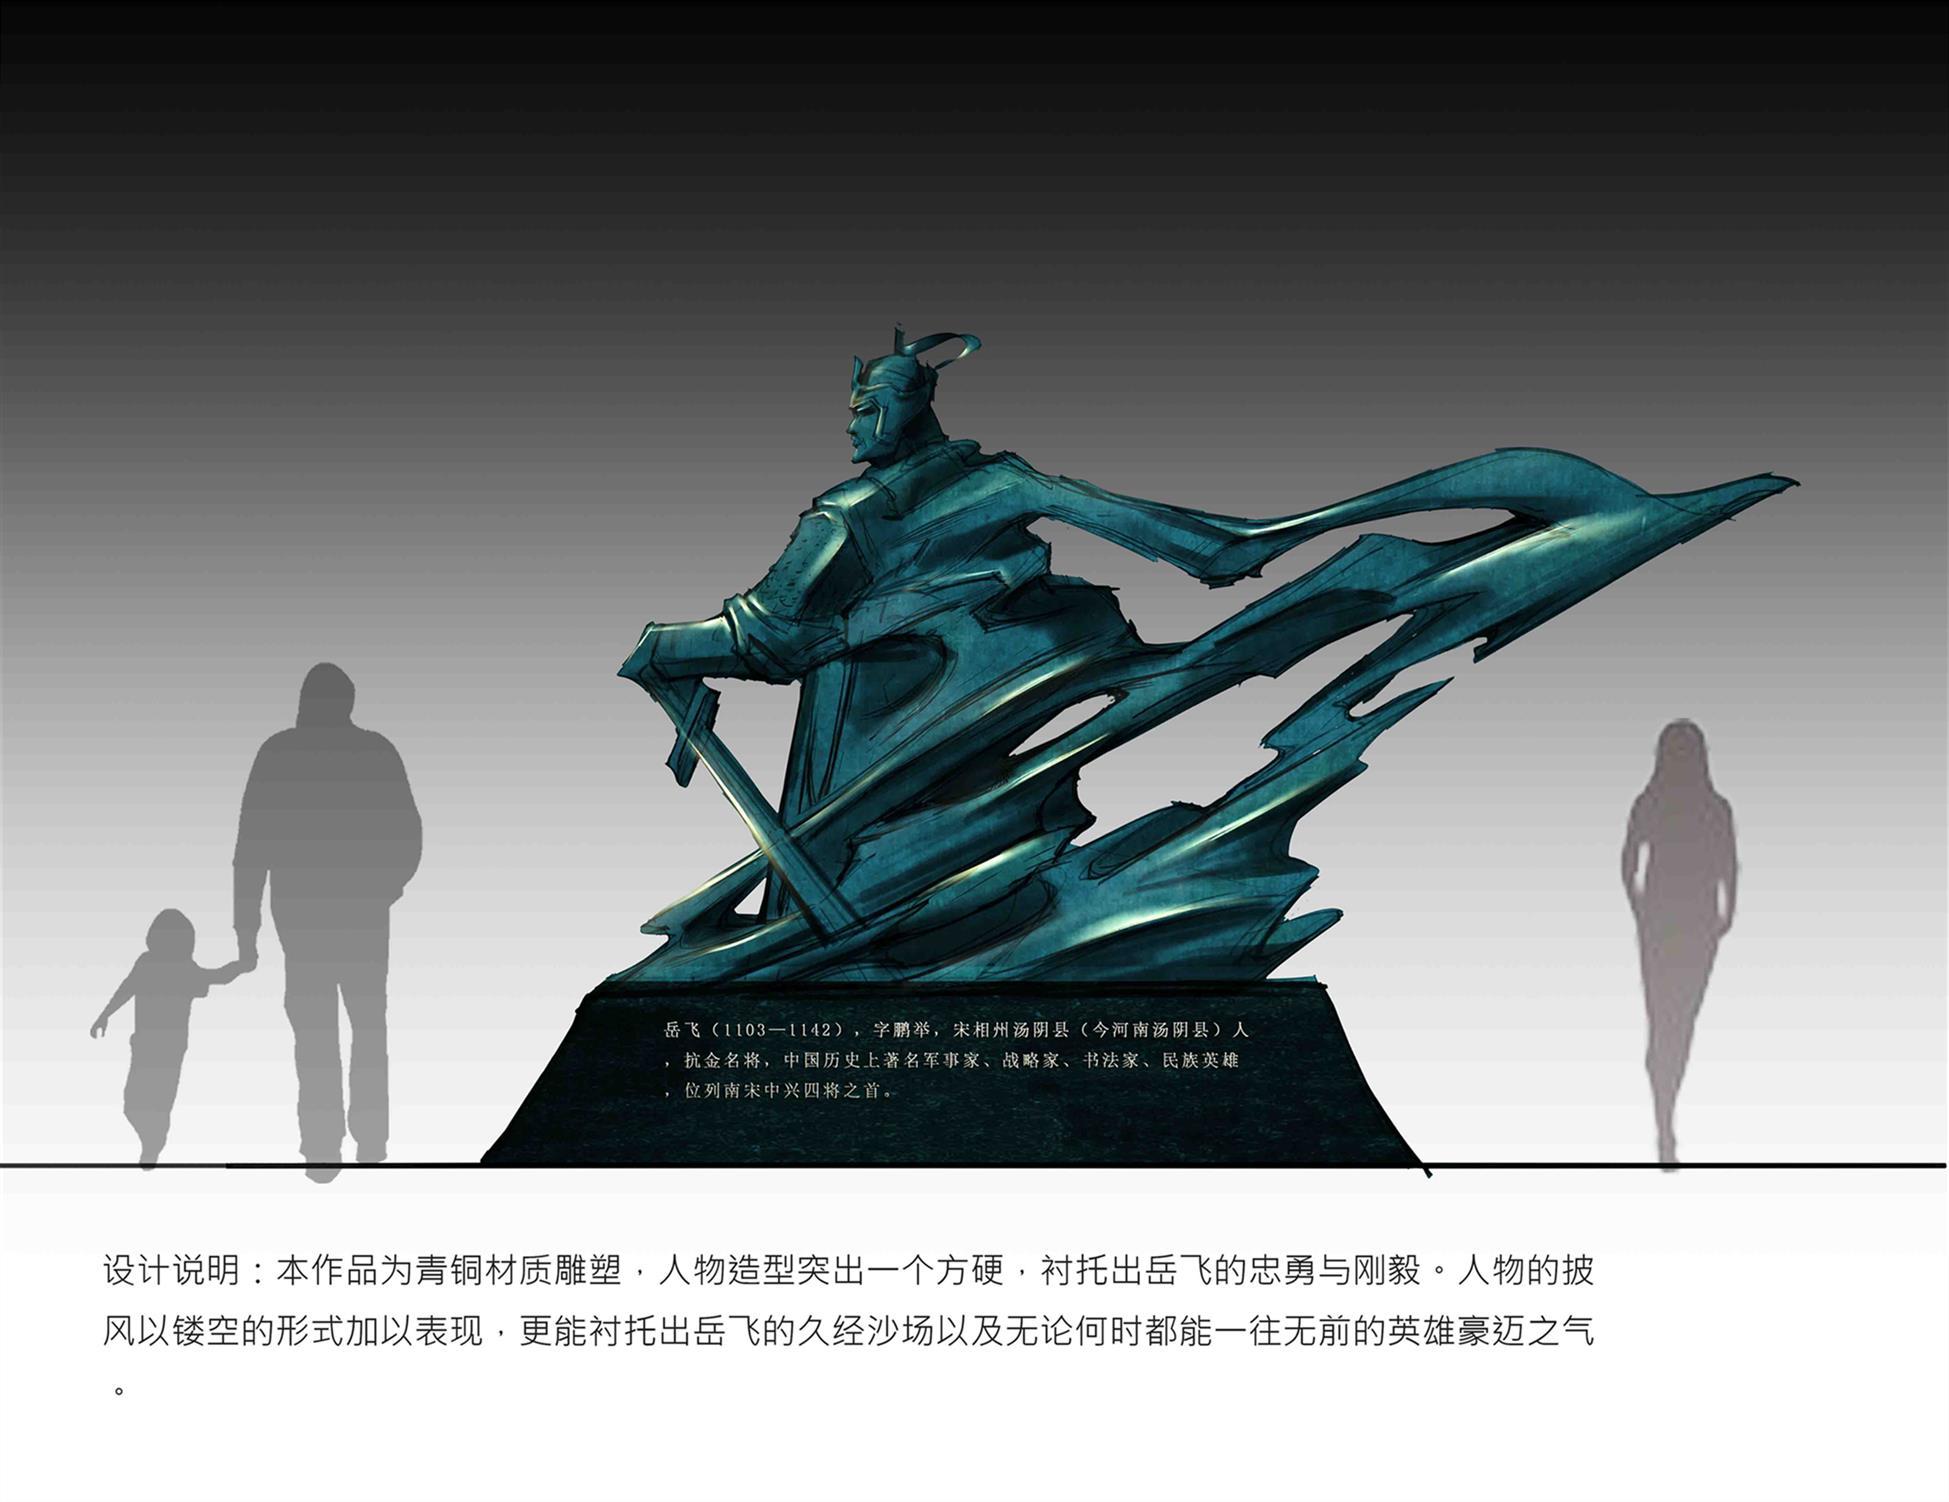 辽阳雕塑公司定制